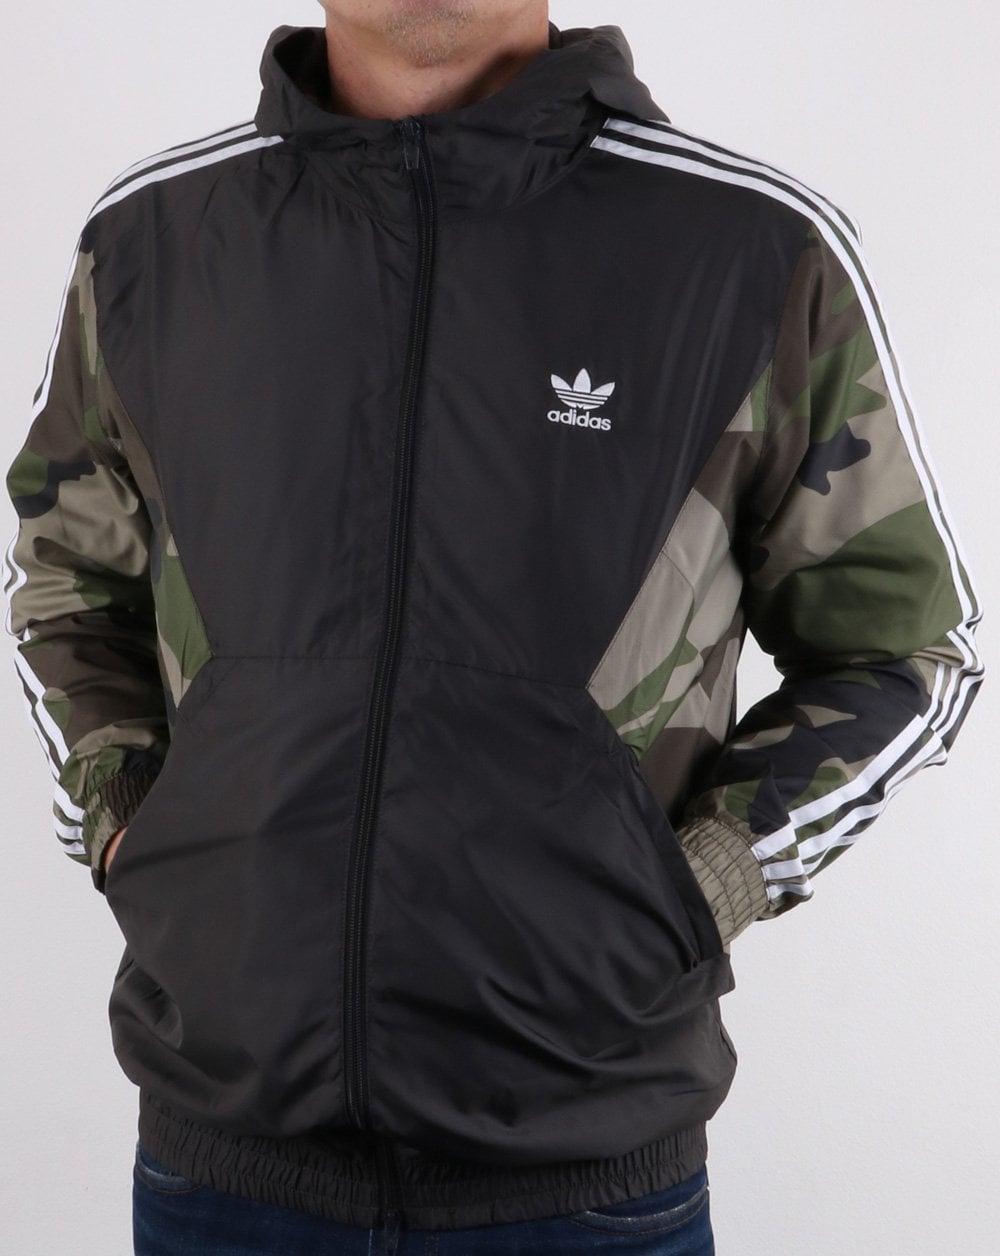 f5313a0fe3 adidas Originals Adidas Originals Camo Windbreaker Khaki Green